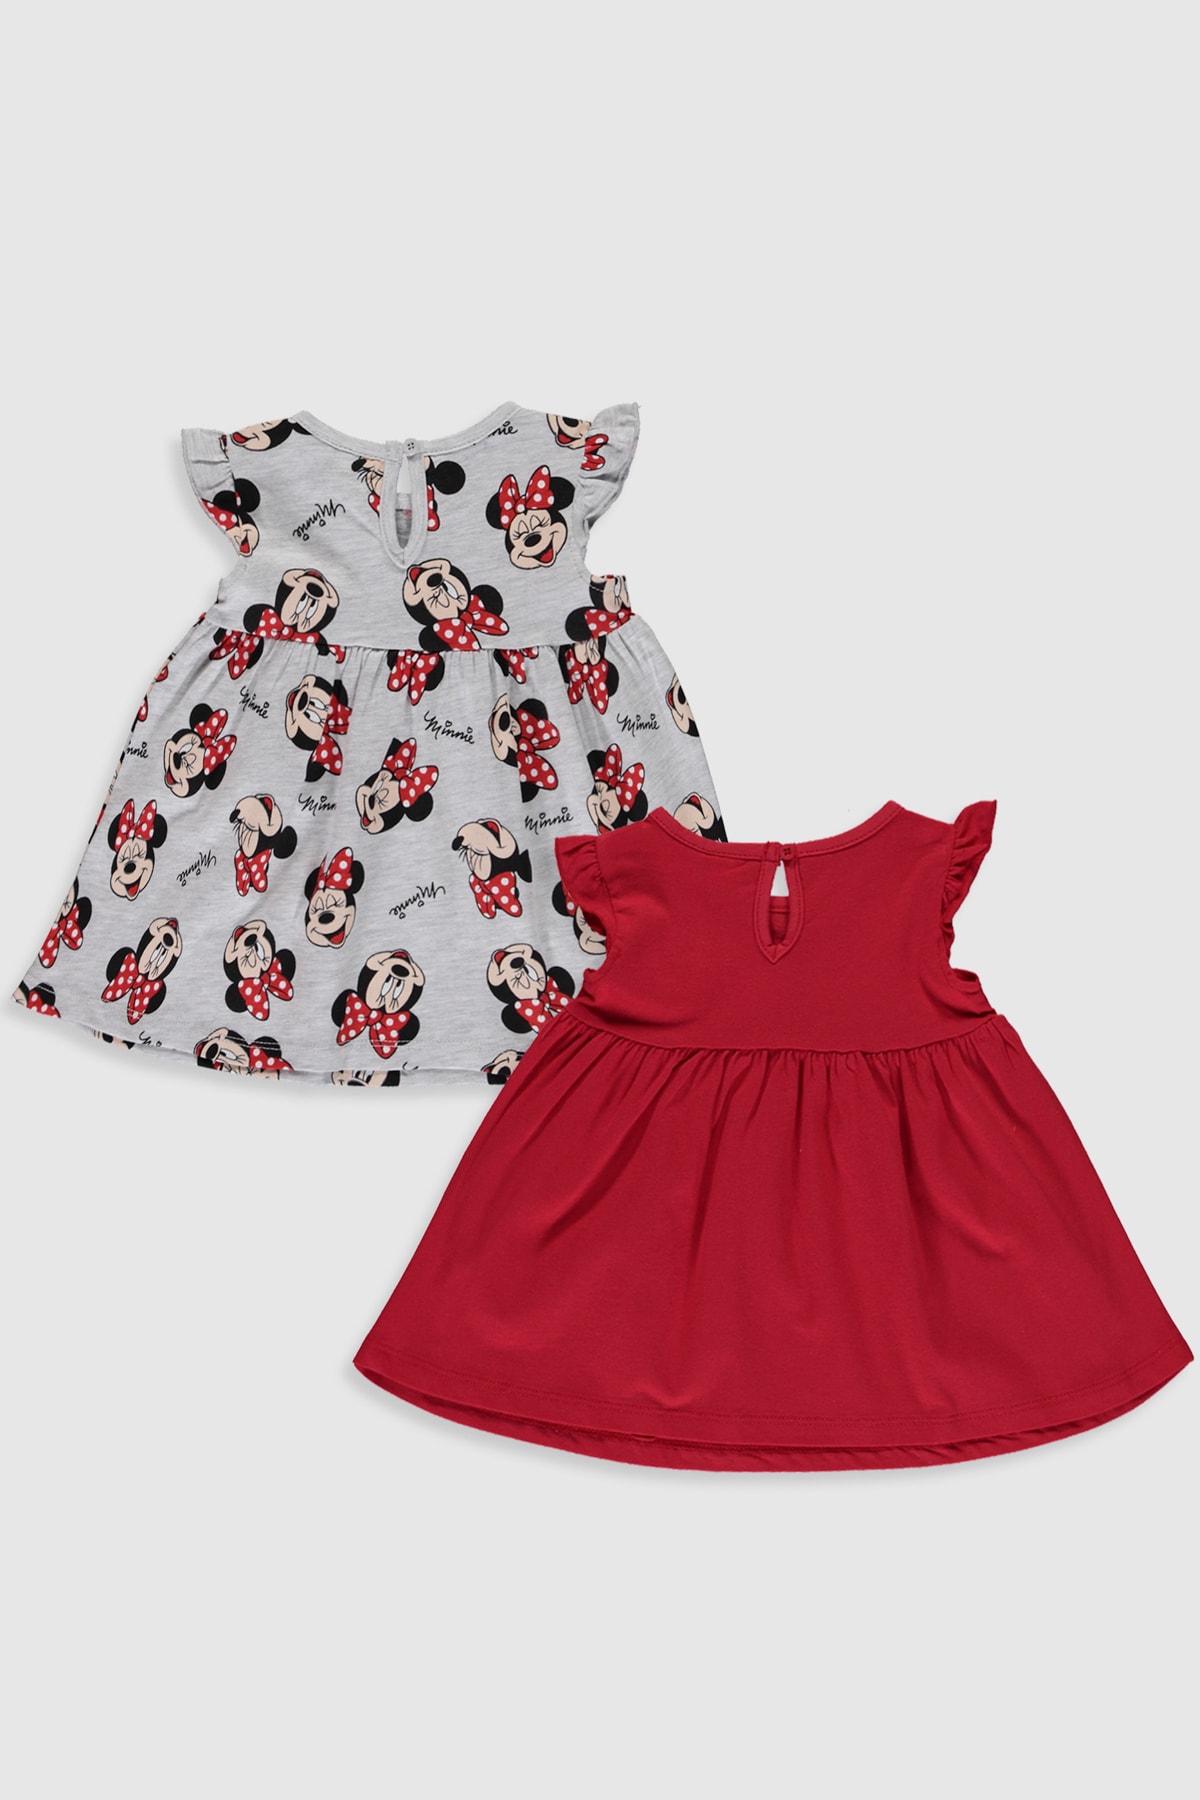 LC Waikiki Minnie Mouse Kız Bebek Canlı Kırmızı Hc3 Bebek Takımları 2